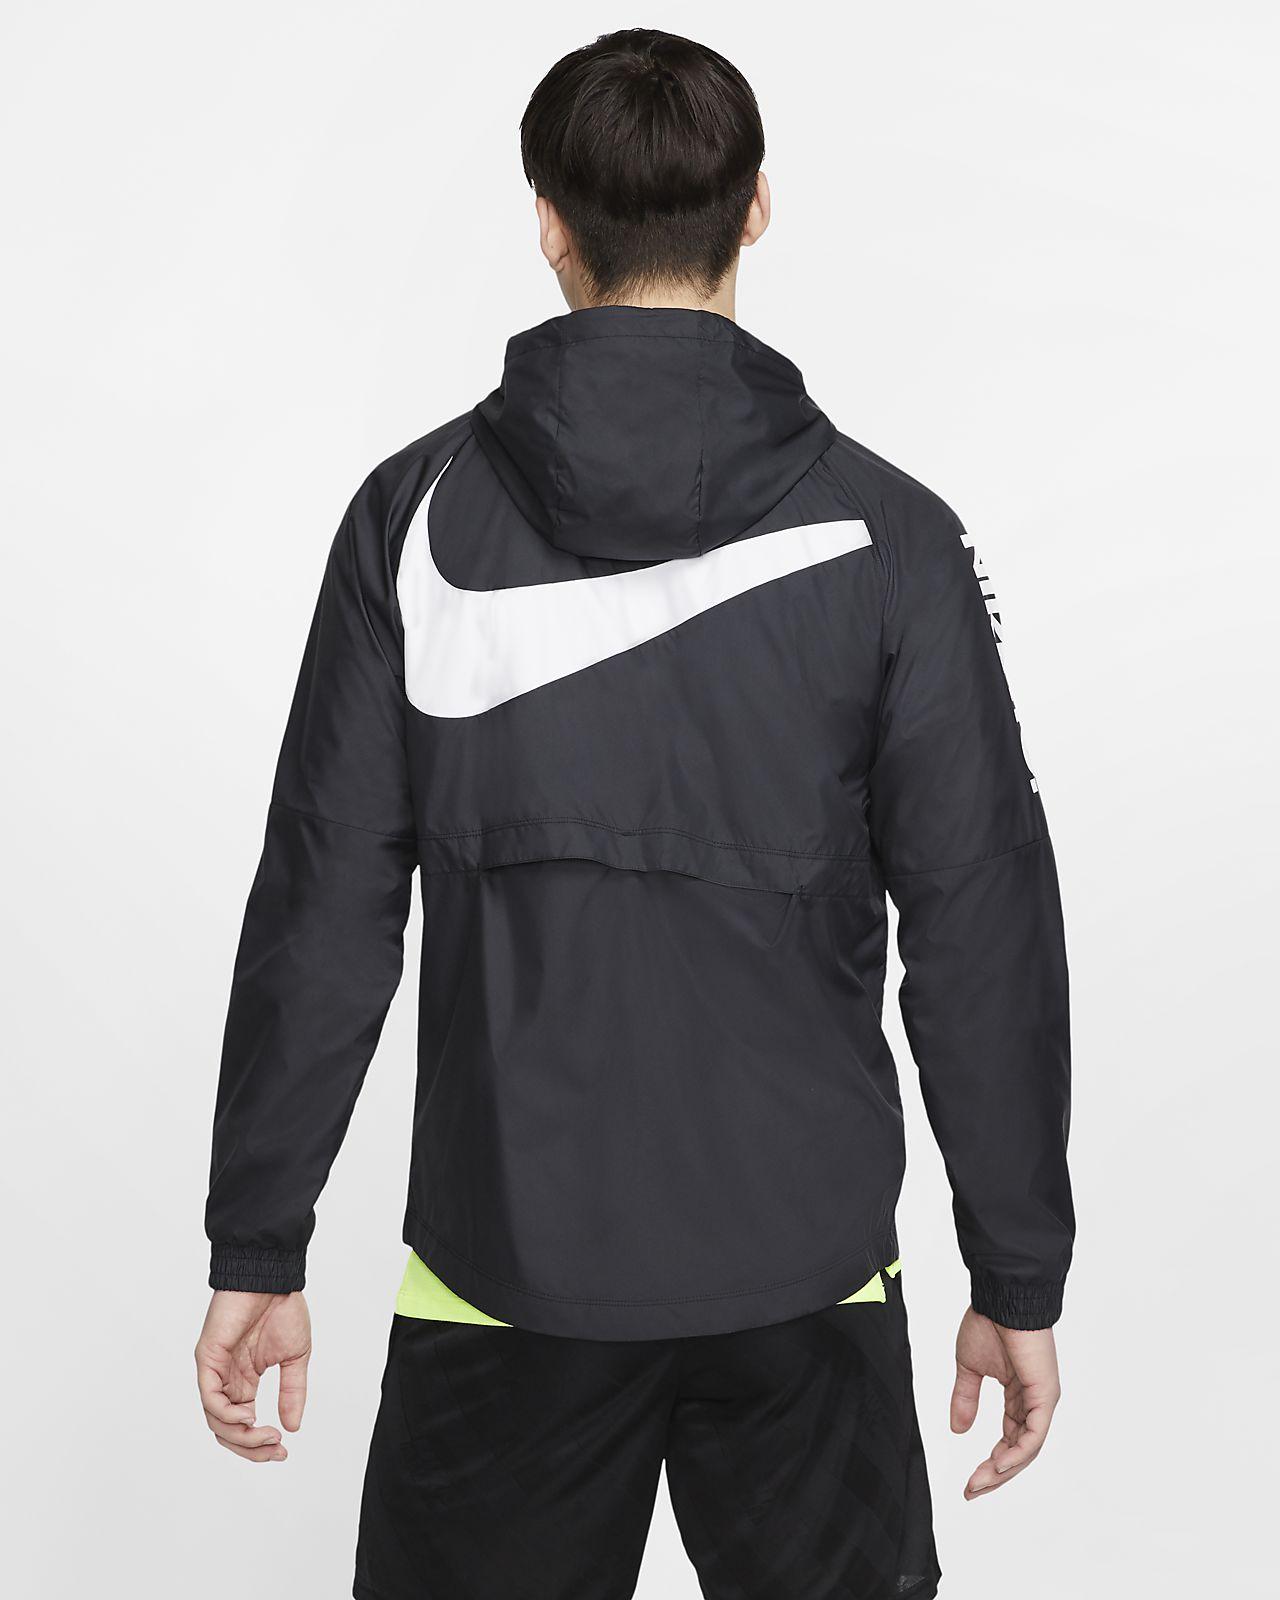 F Nike Fußballjacke CHerren F Nike LjS4Ac5Rq3